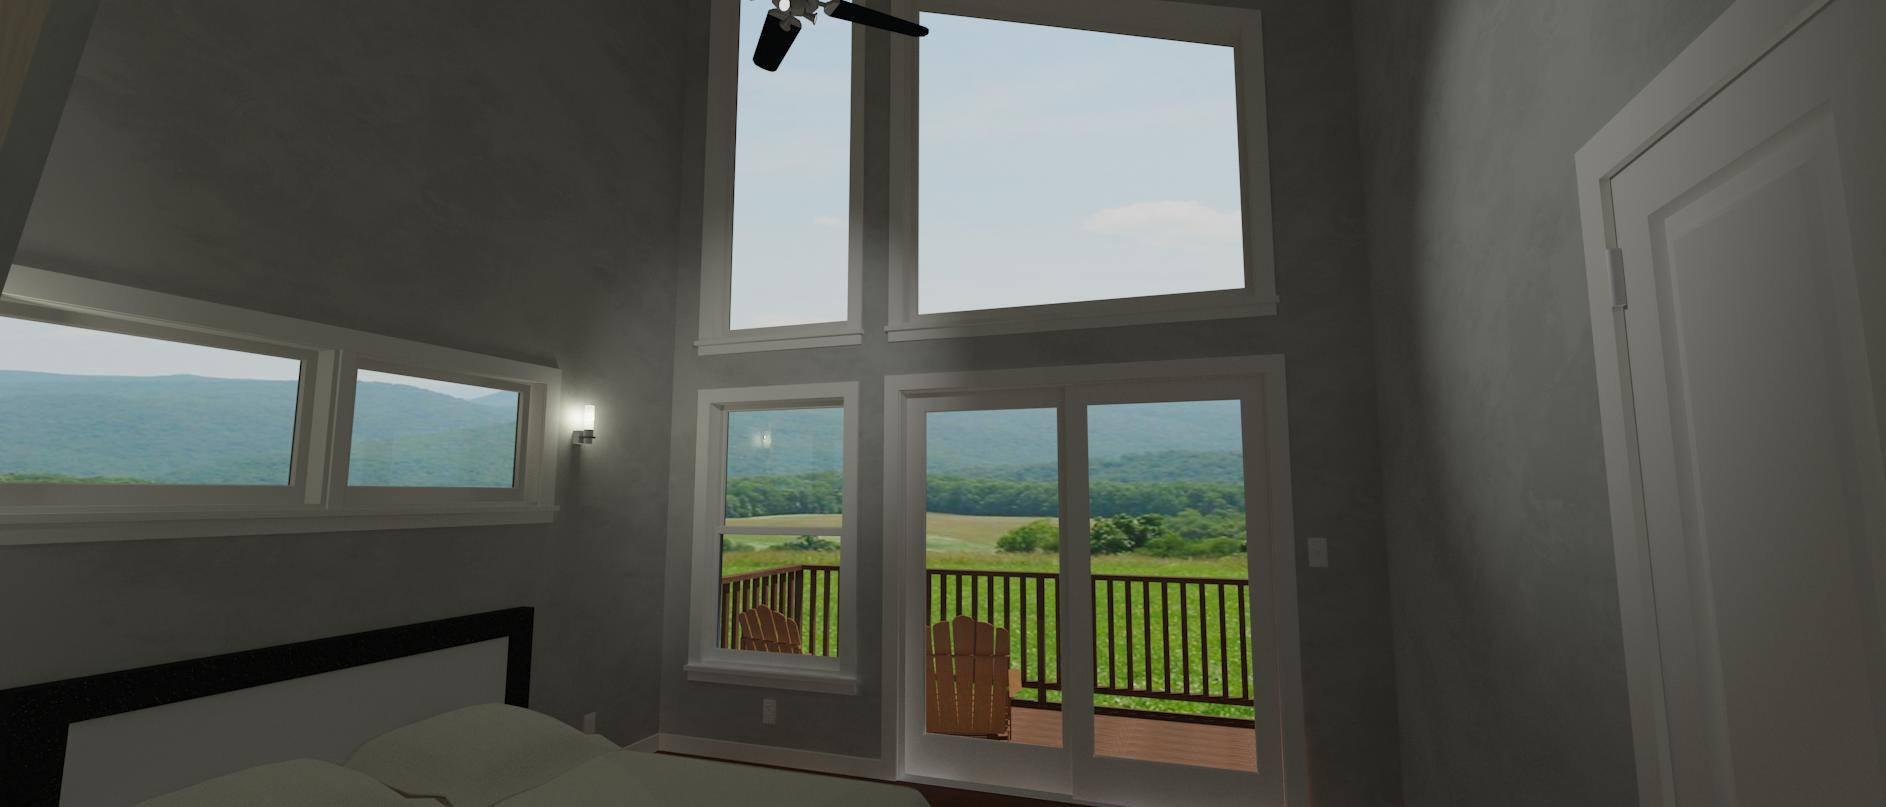 Des Moines Home Design 3D